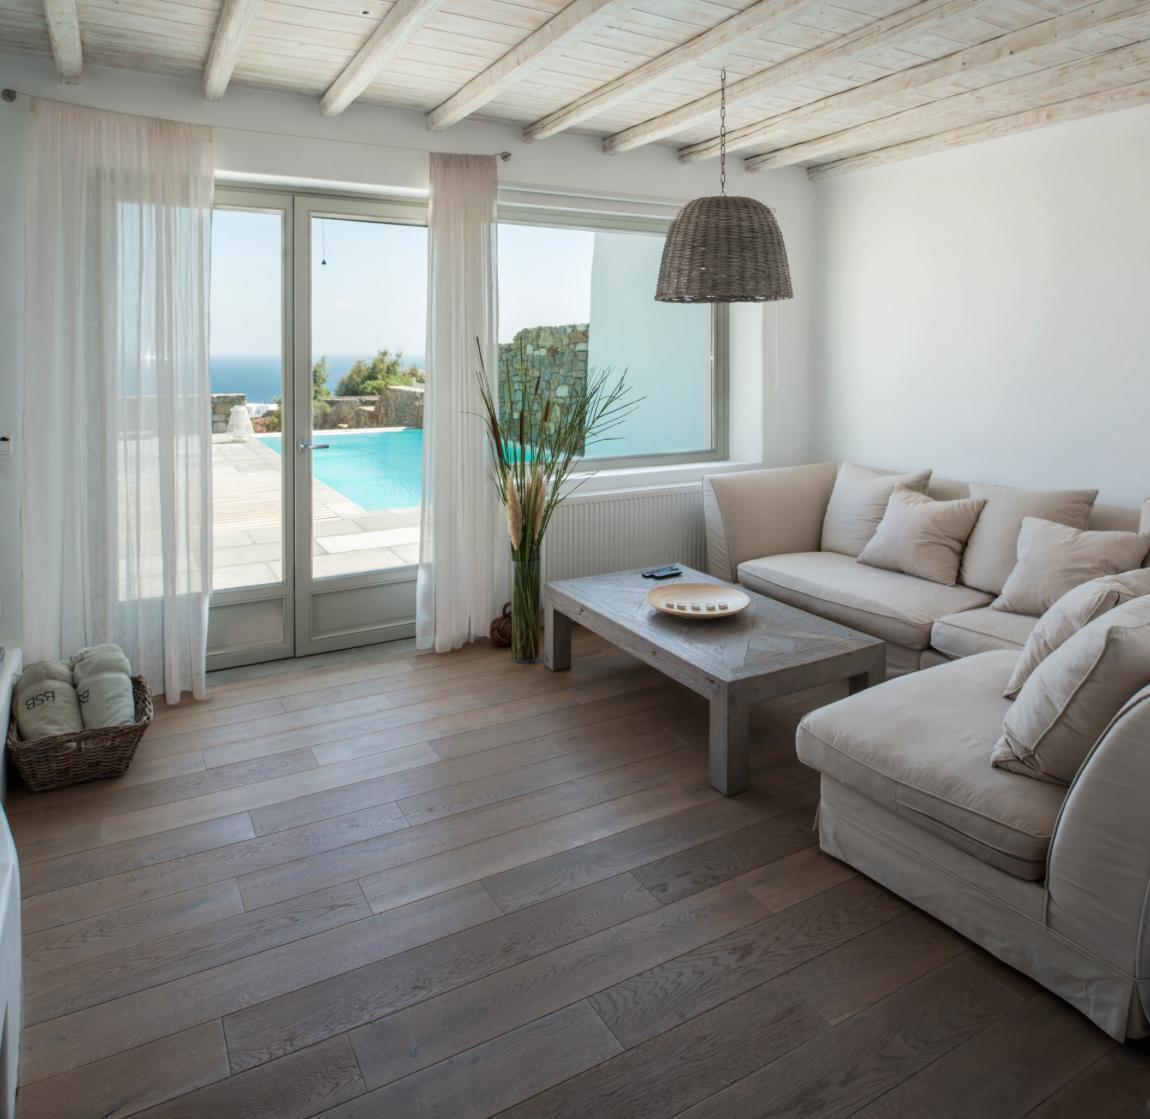 PRIVATE VILLA MYKONOS / KALAFATI TWO- Architectural & Interior Design Office | Greece